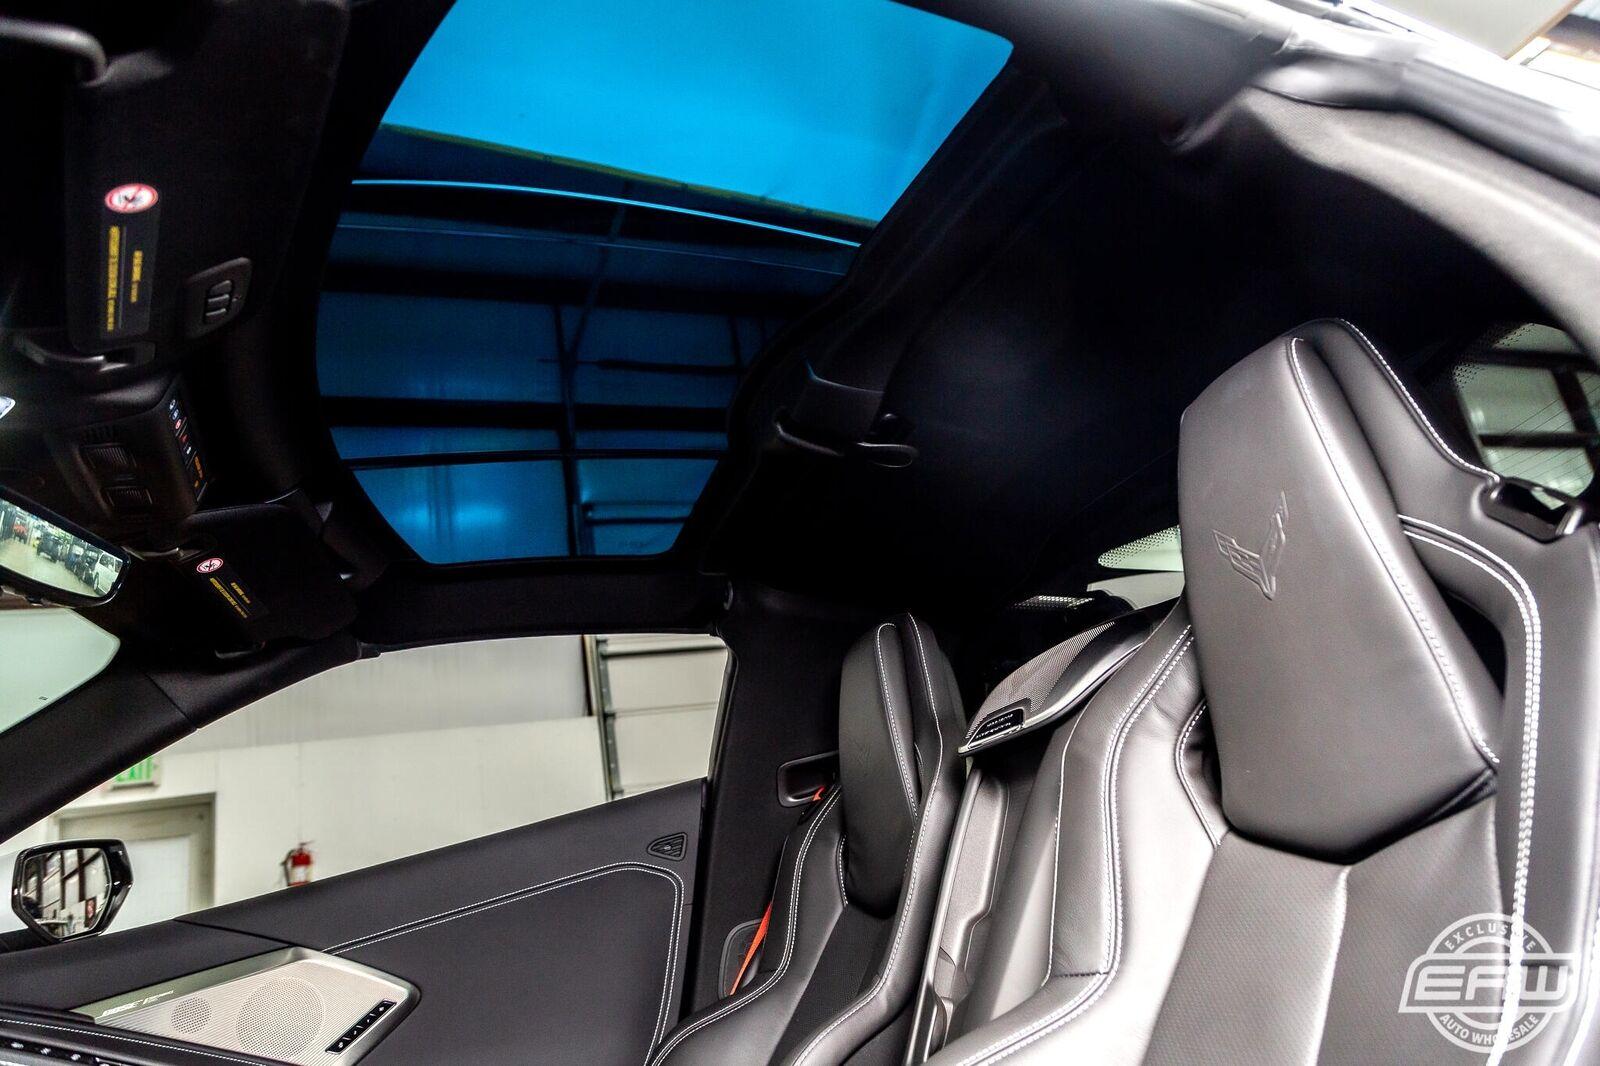 2020 White Chevrolet Corvette Stingray 2LT | C7 Corvette Photo 9